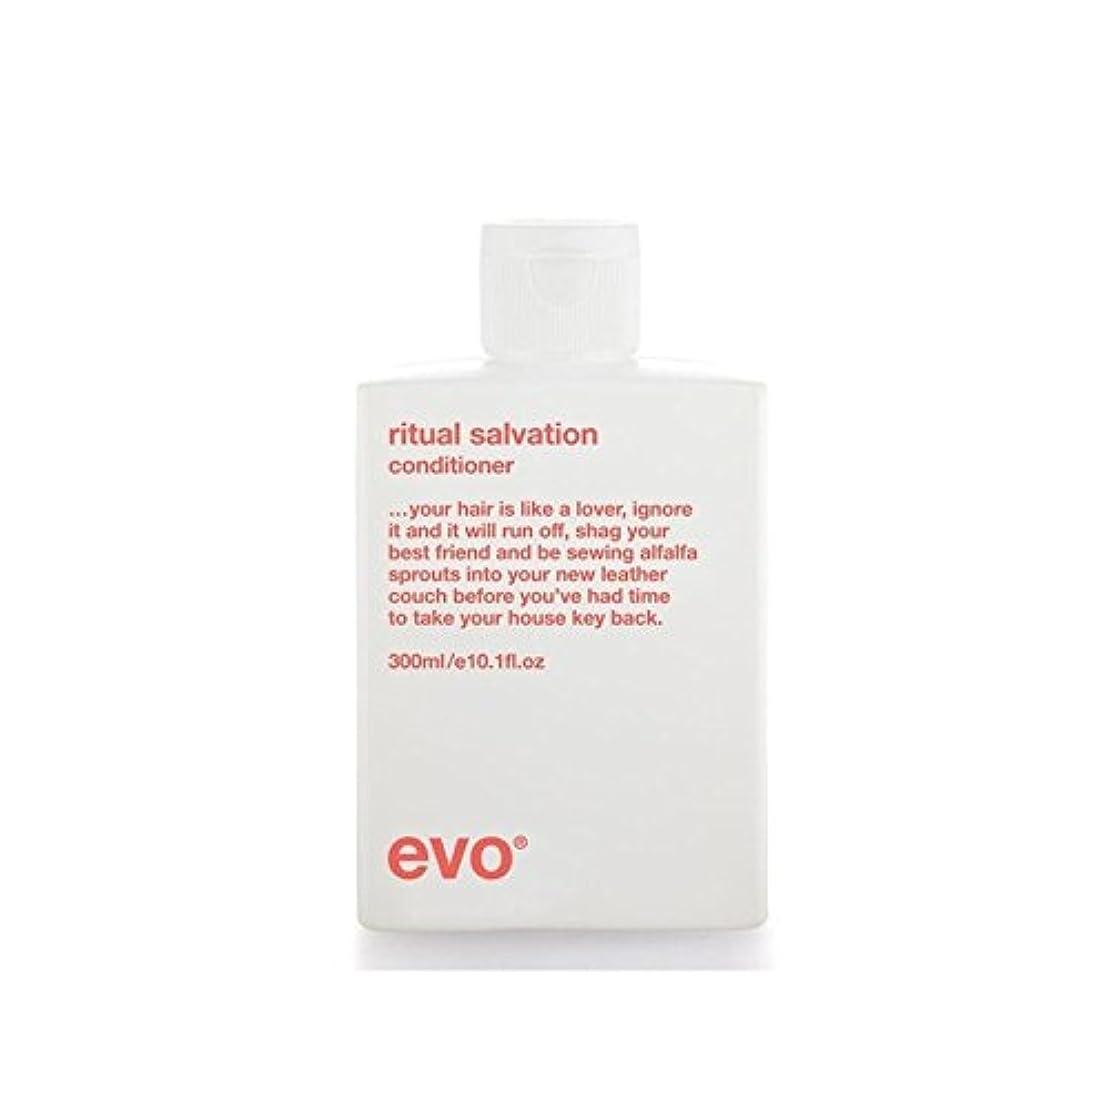 排他的異常非行Evo Ritual Salvation Conditioner (300ml) - 儀式救いコンディショナー(300ミリリットル) [並行輸入品]